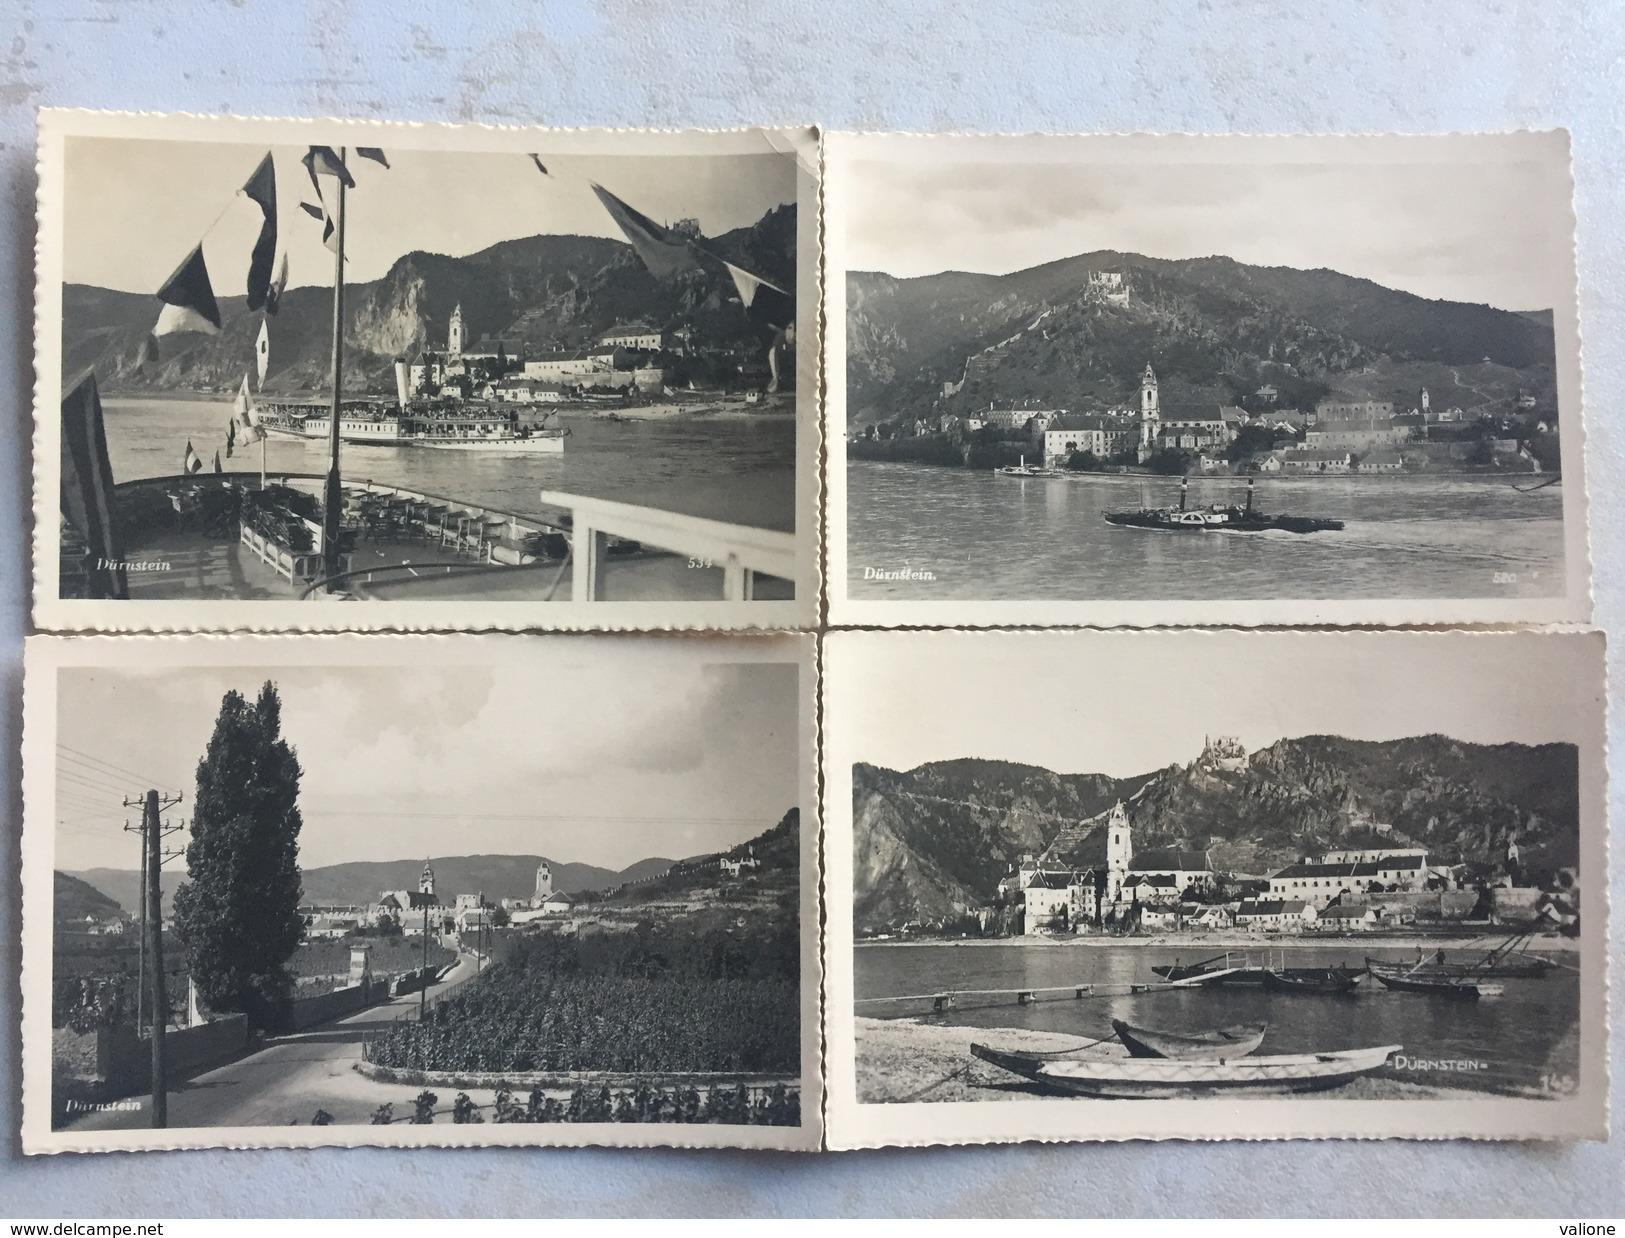 DURNSTEIN An Der Donau 1941 Neue - Autriche